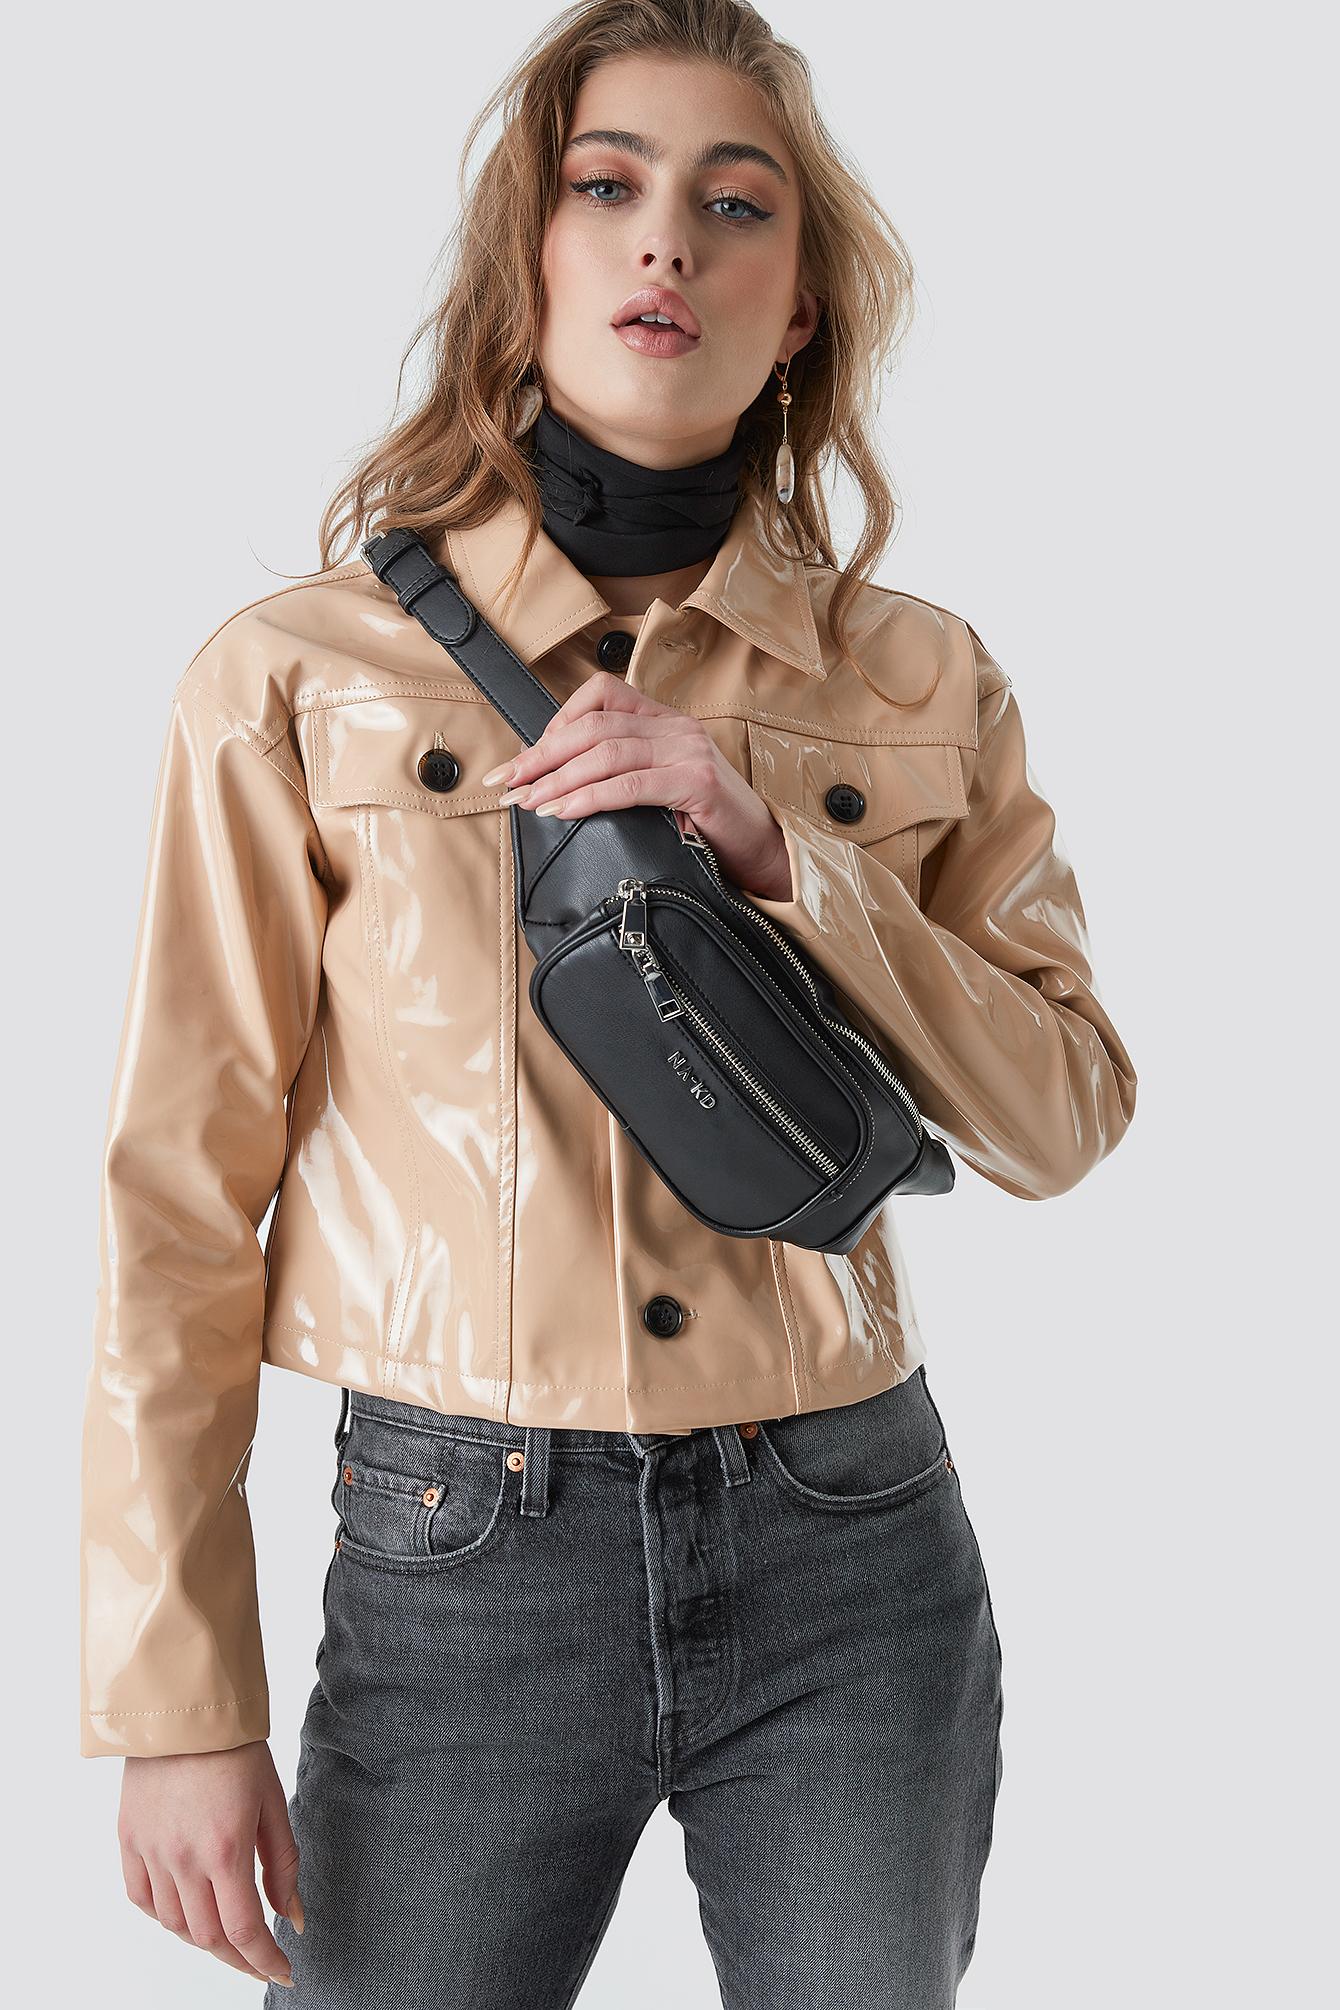 na-kd accessories -  Zipper Fanny Pack - Black